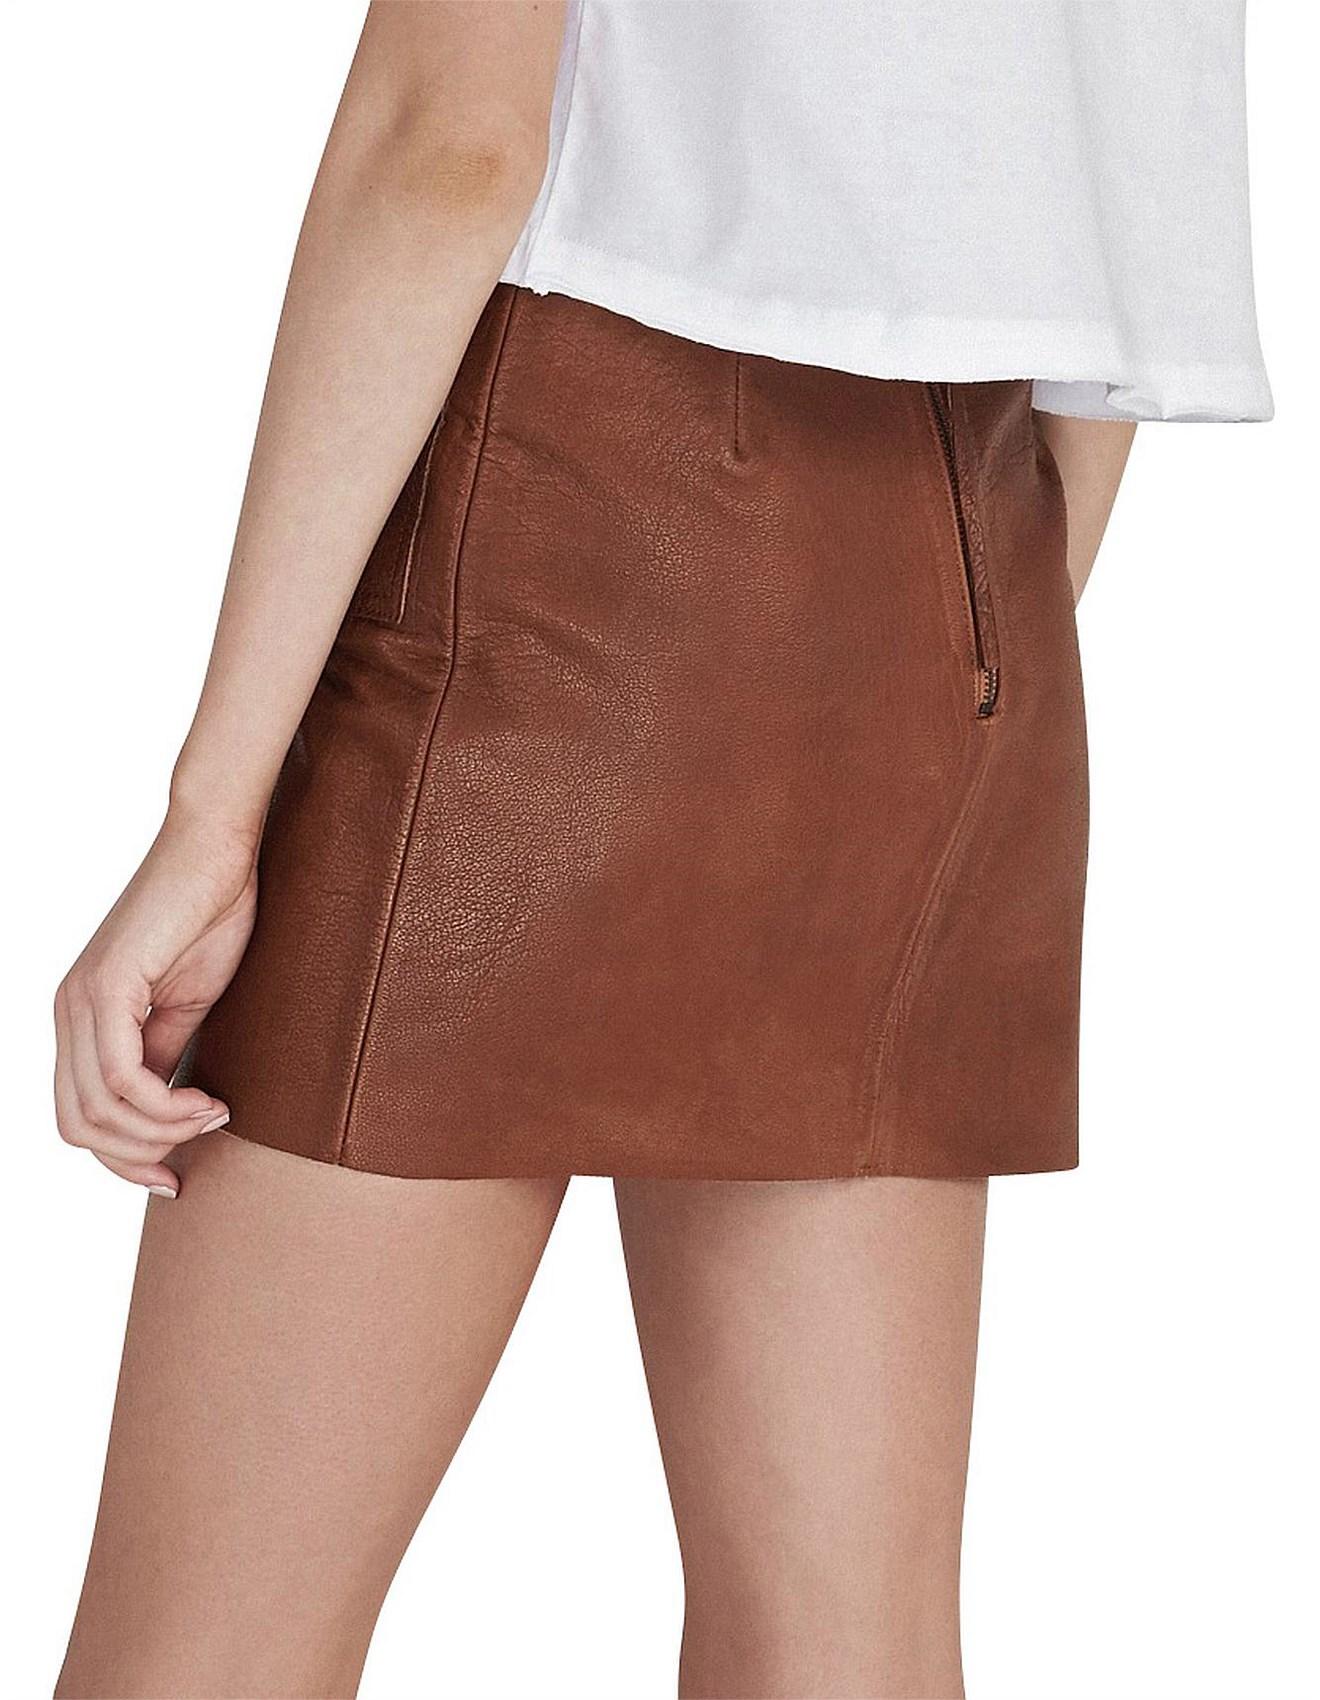 c8eb03224c Shrimpton Mini Skirt. 1